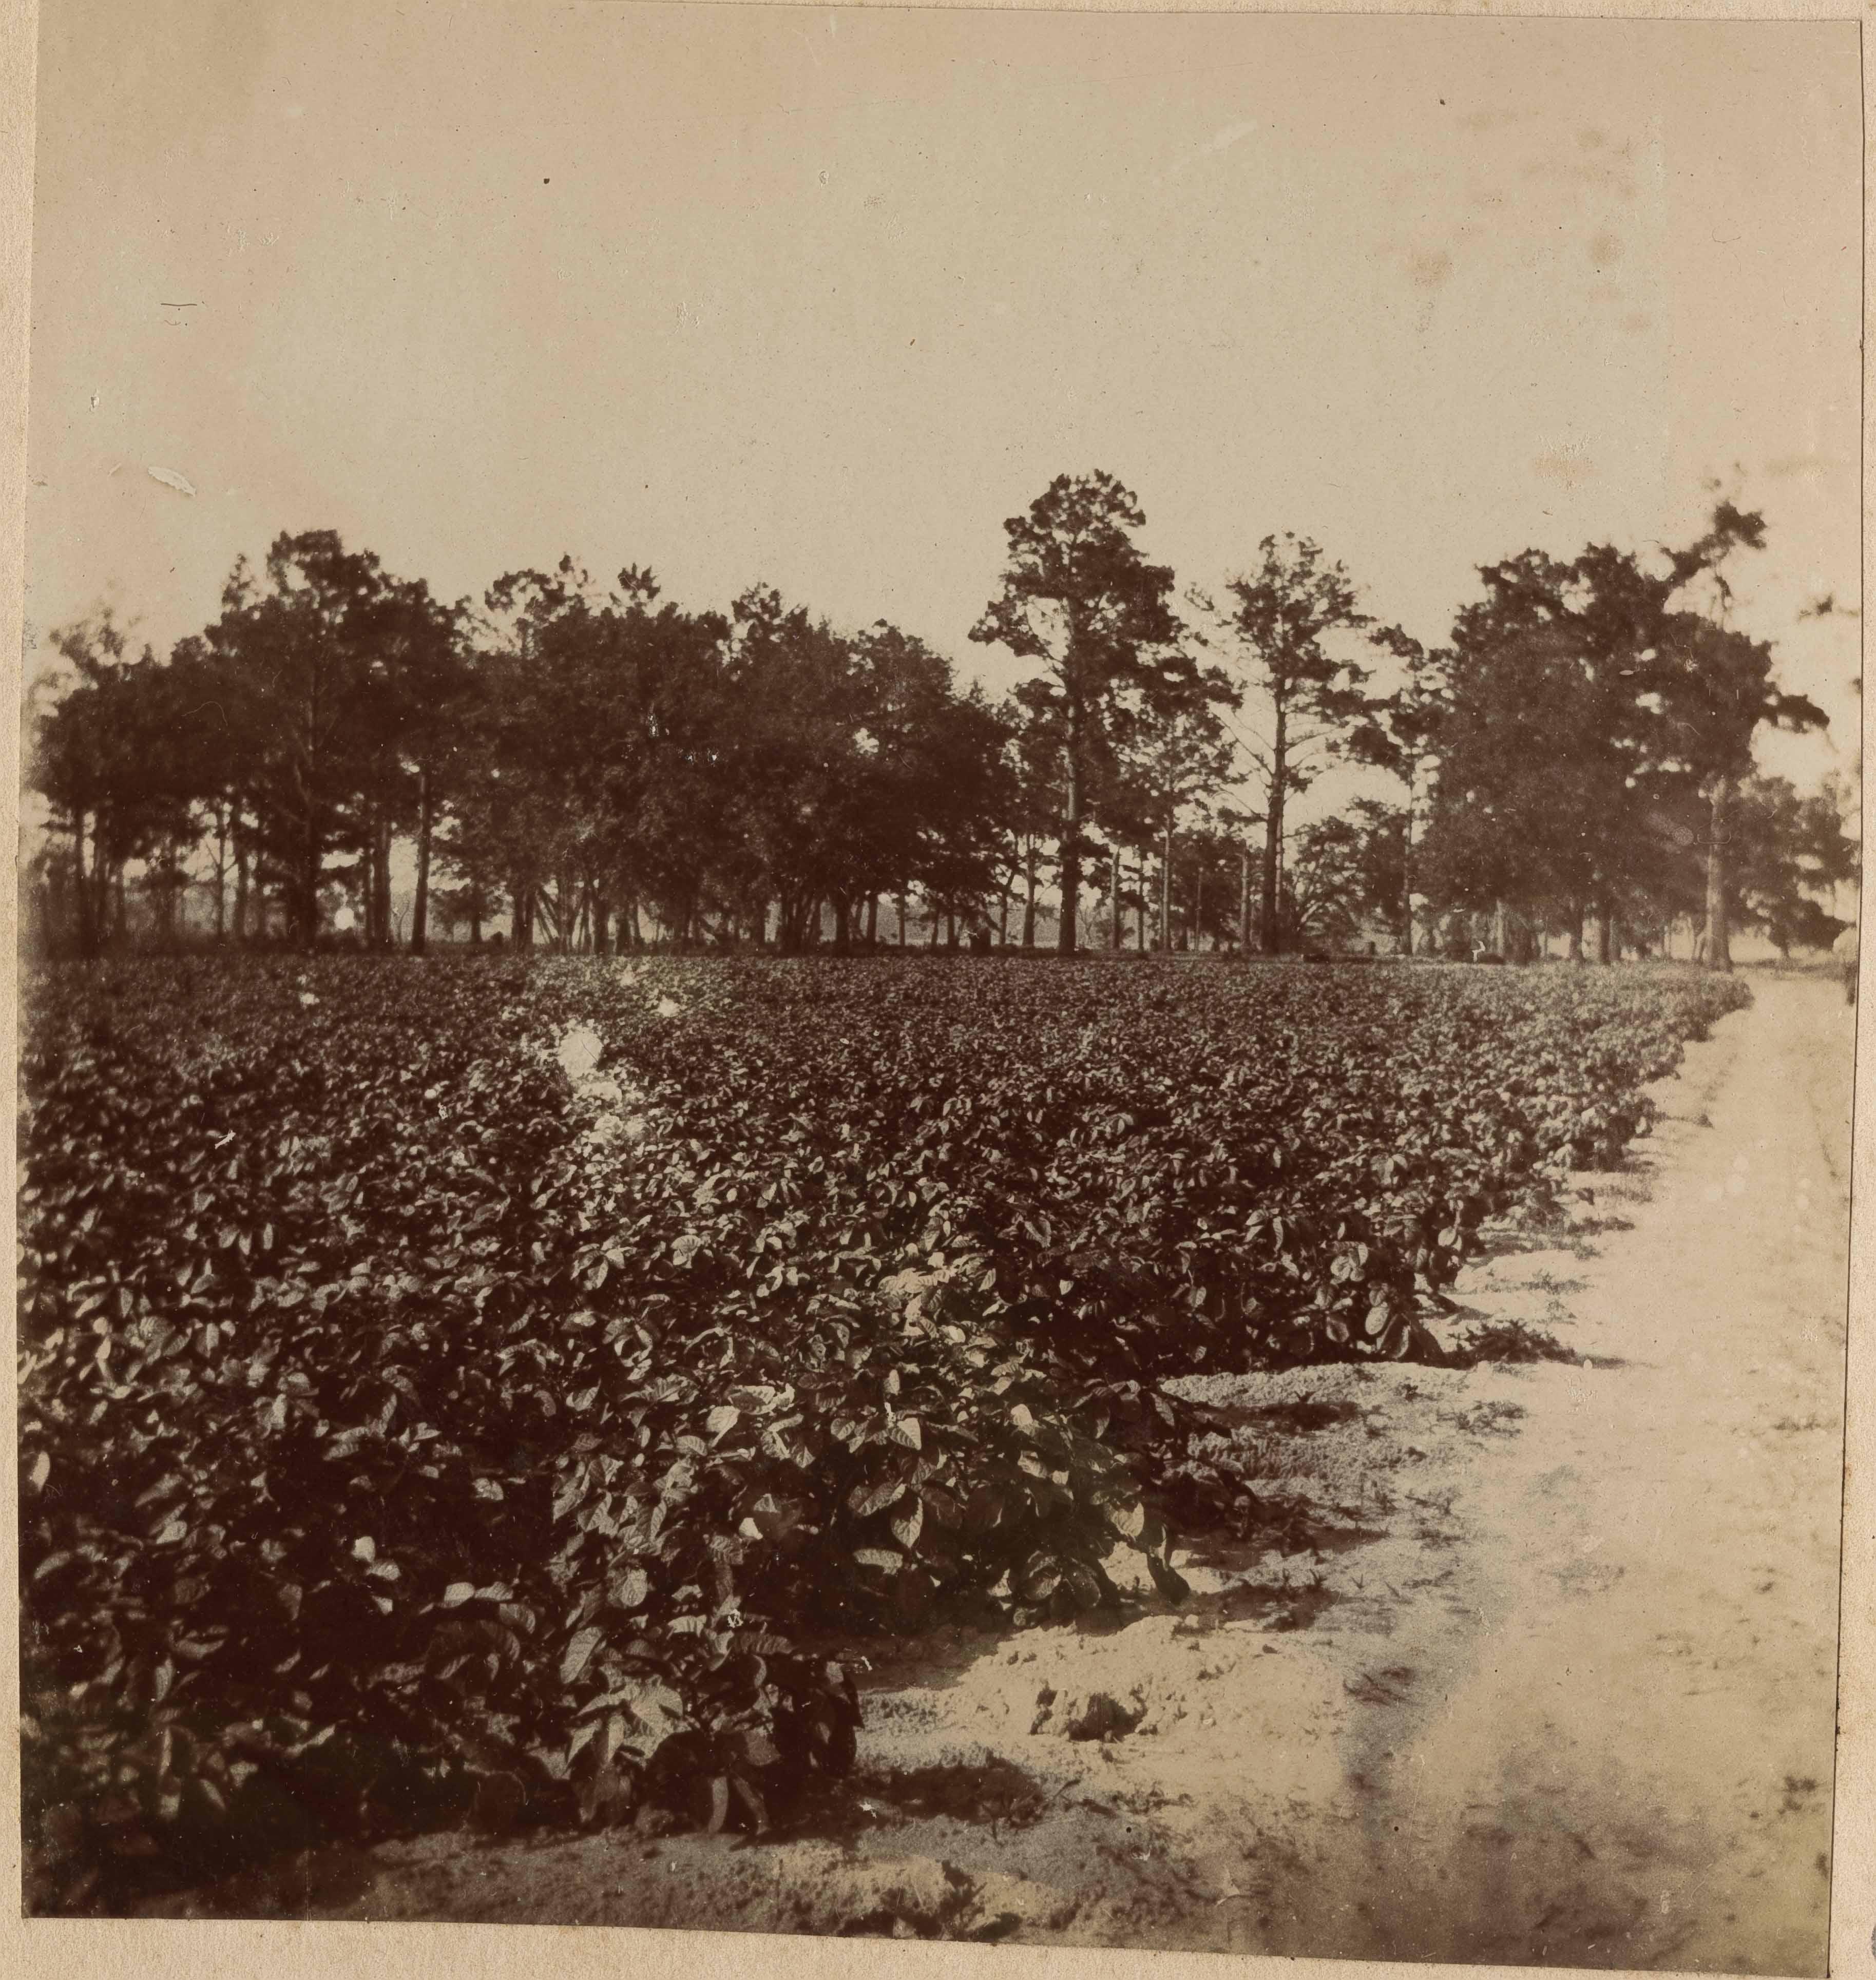 Potato crop in field